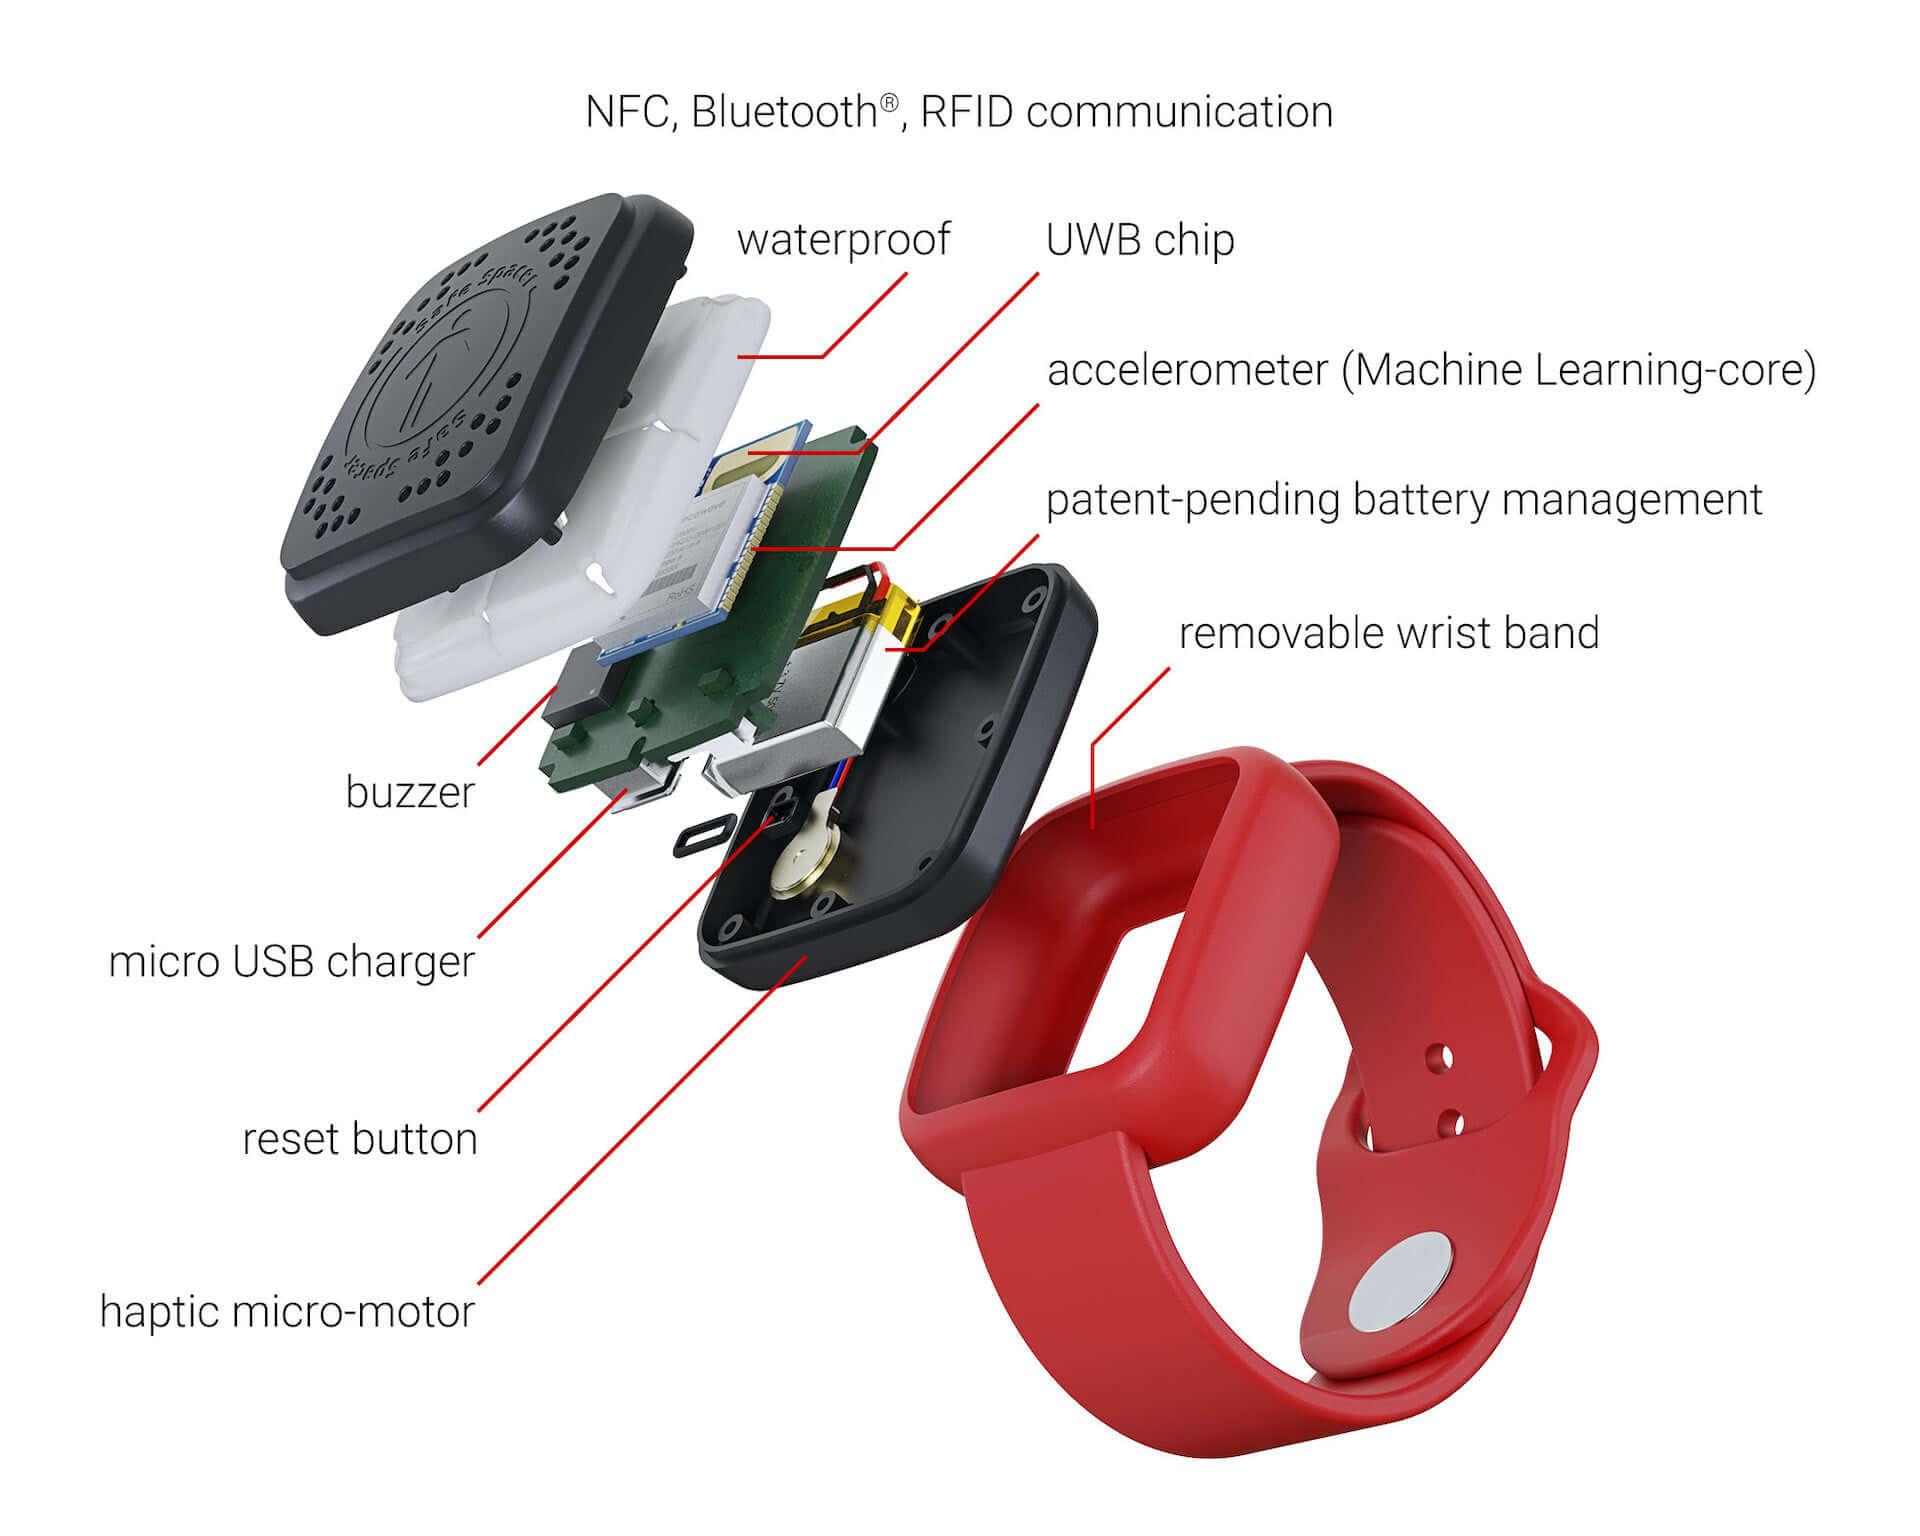 ソーシャル・ディスタンスを維持できるウェアラブル・デバイス『Safe Spacer(TM)』が発表! tech200521_wearablemonitor_04-1920x1536